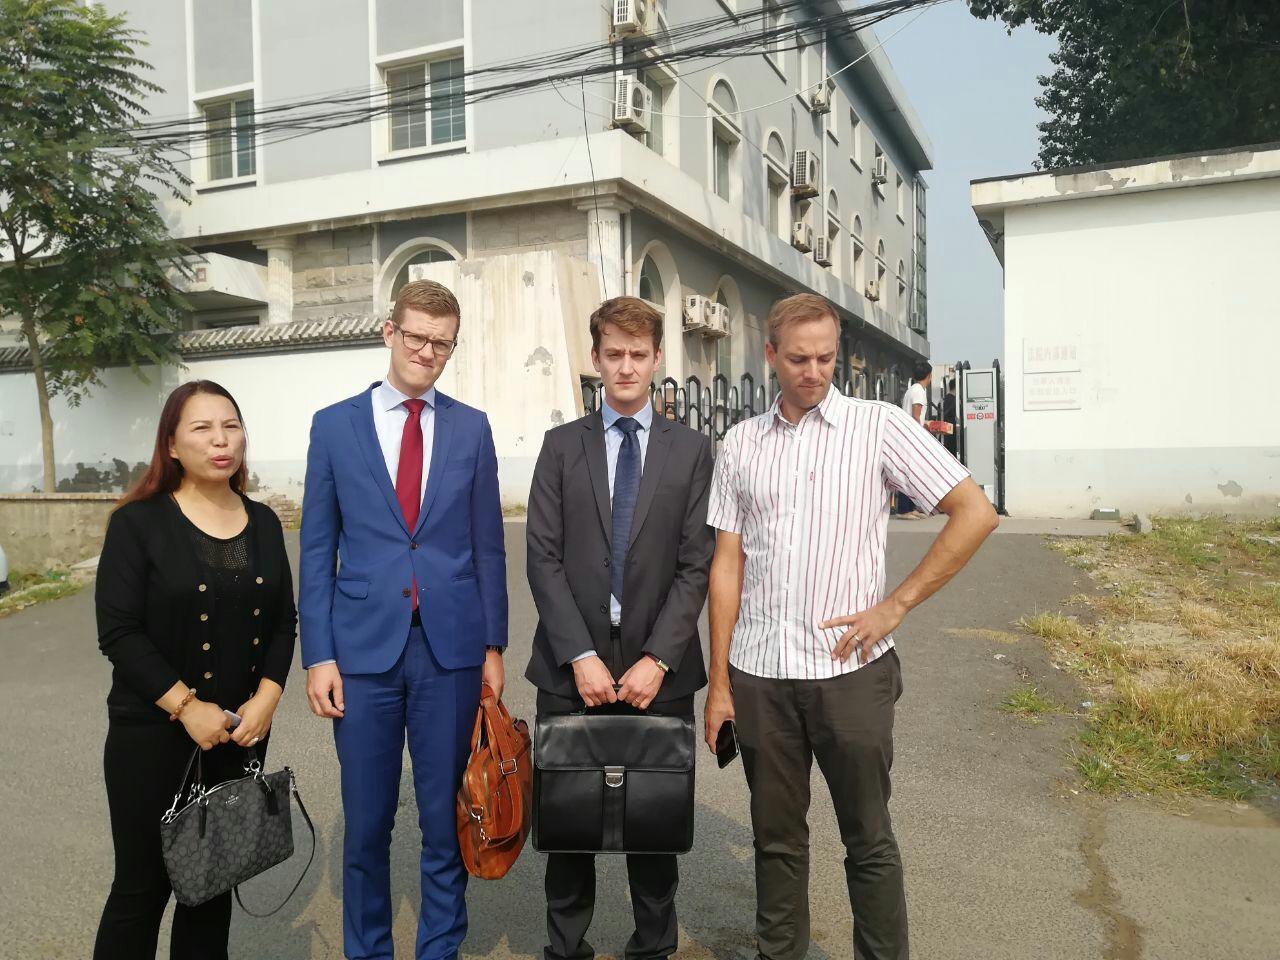 孫茜妹妹孫贊(左一)與外媒記者、兩外國使節在溫榆河法庭前合照留念。(知情者提供)